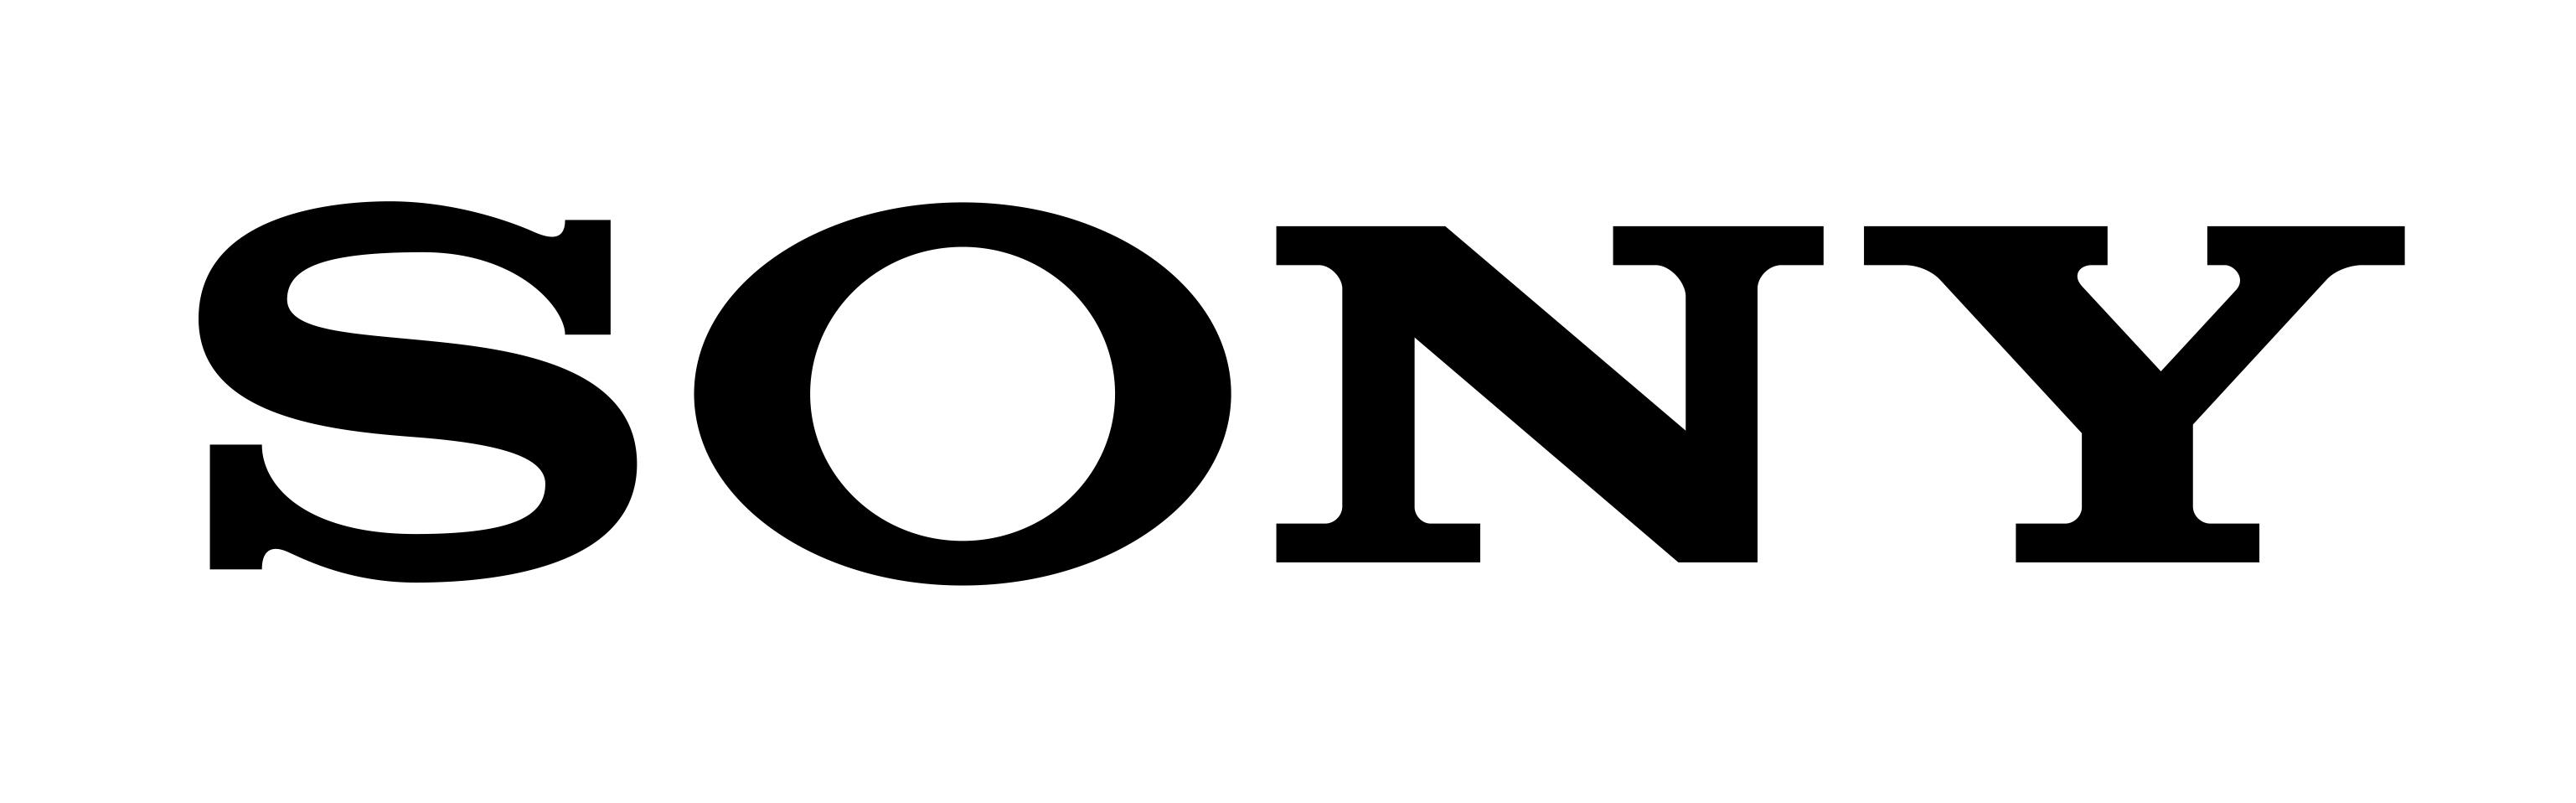 sony business Business fördere die führungskräfte von morgen sony erleichtert dir den arbeitsalltag, indem es eine große auswahl an vernetzten produkten und diensten bietet, die ideal auf dein unternehmen zugeschnitten sind.